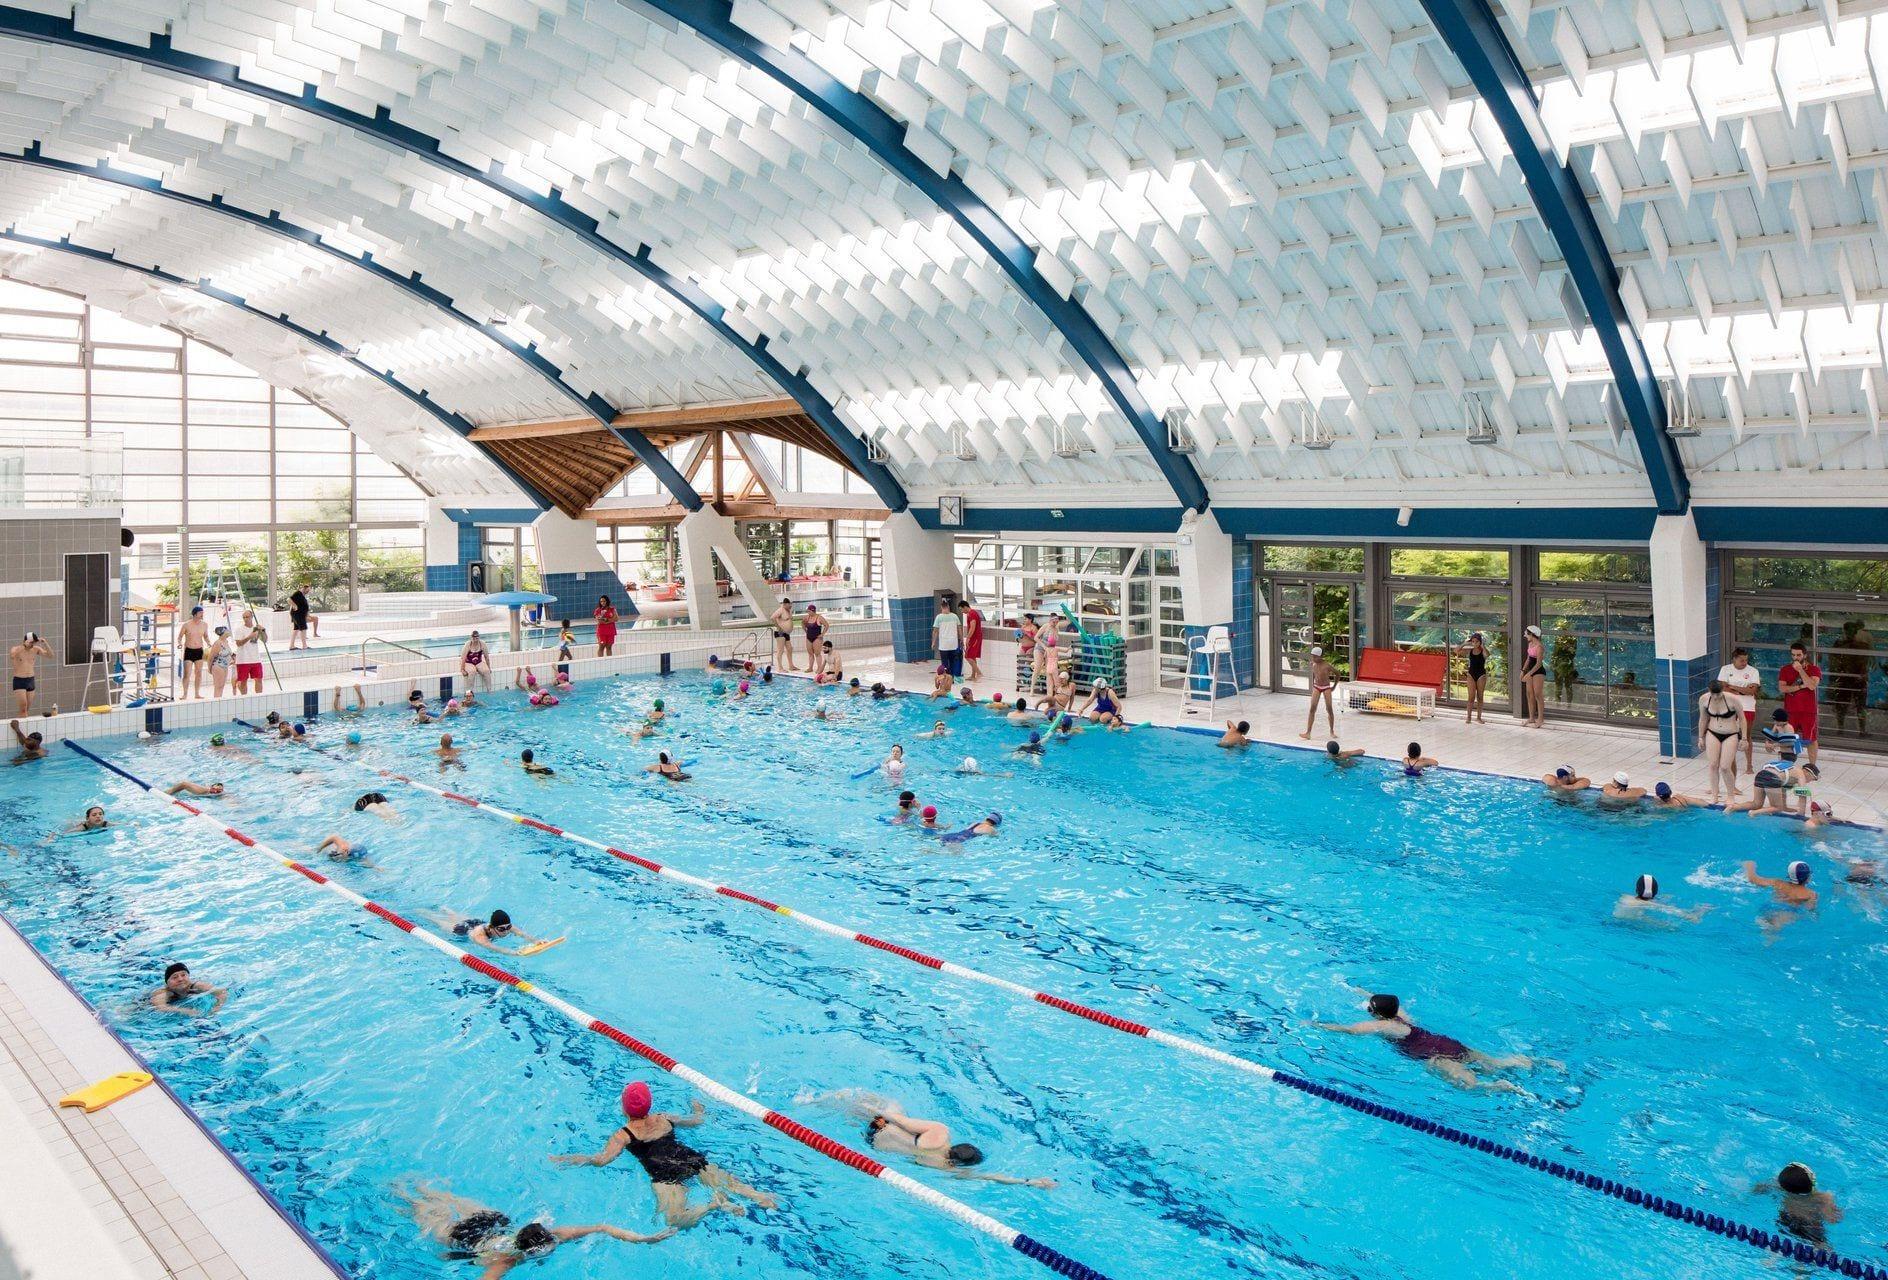 Le Centre Aquatique - Maisons-Alfort serapportantà Piscine Coulommiers Horaires